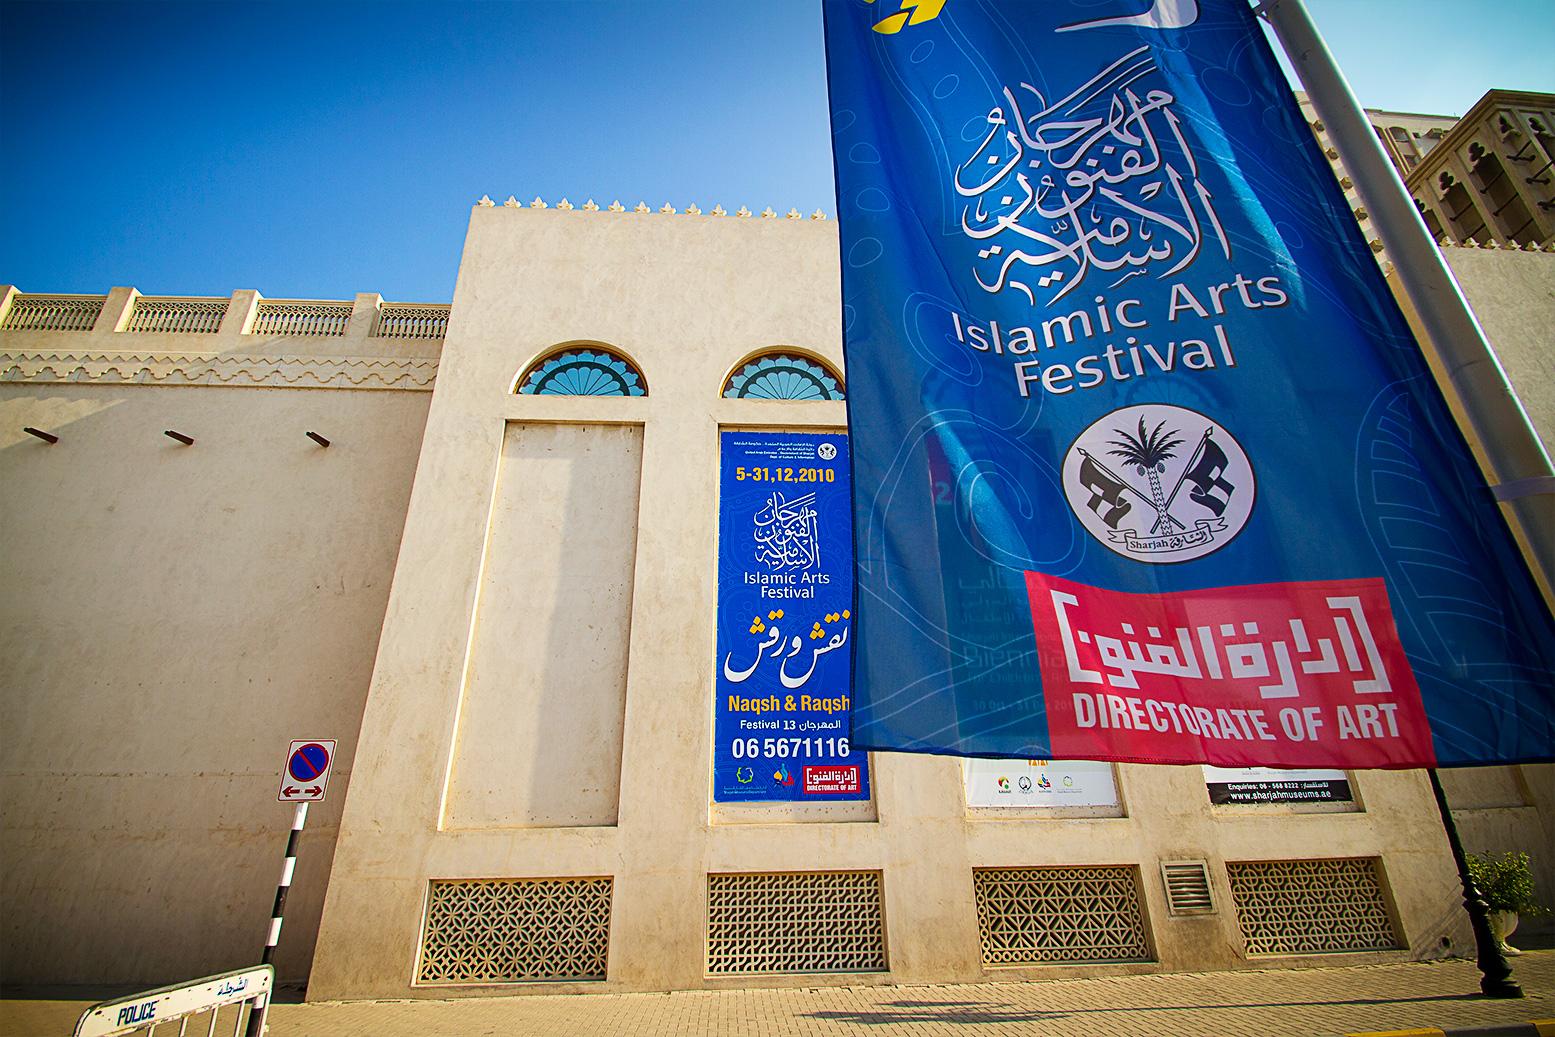 مهرجان الفنون الإسلامية بالإمارات يجمع مختلف التجارب العالمية بـ 377 عملا فنيا